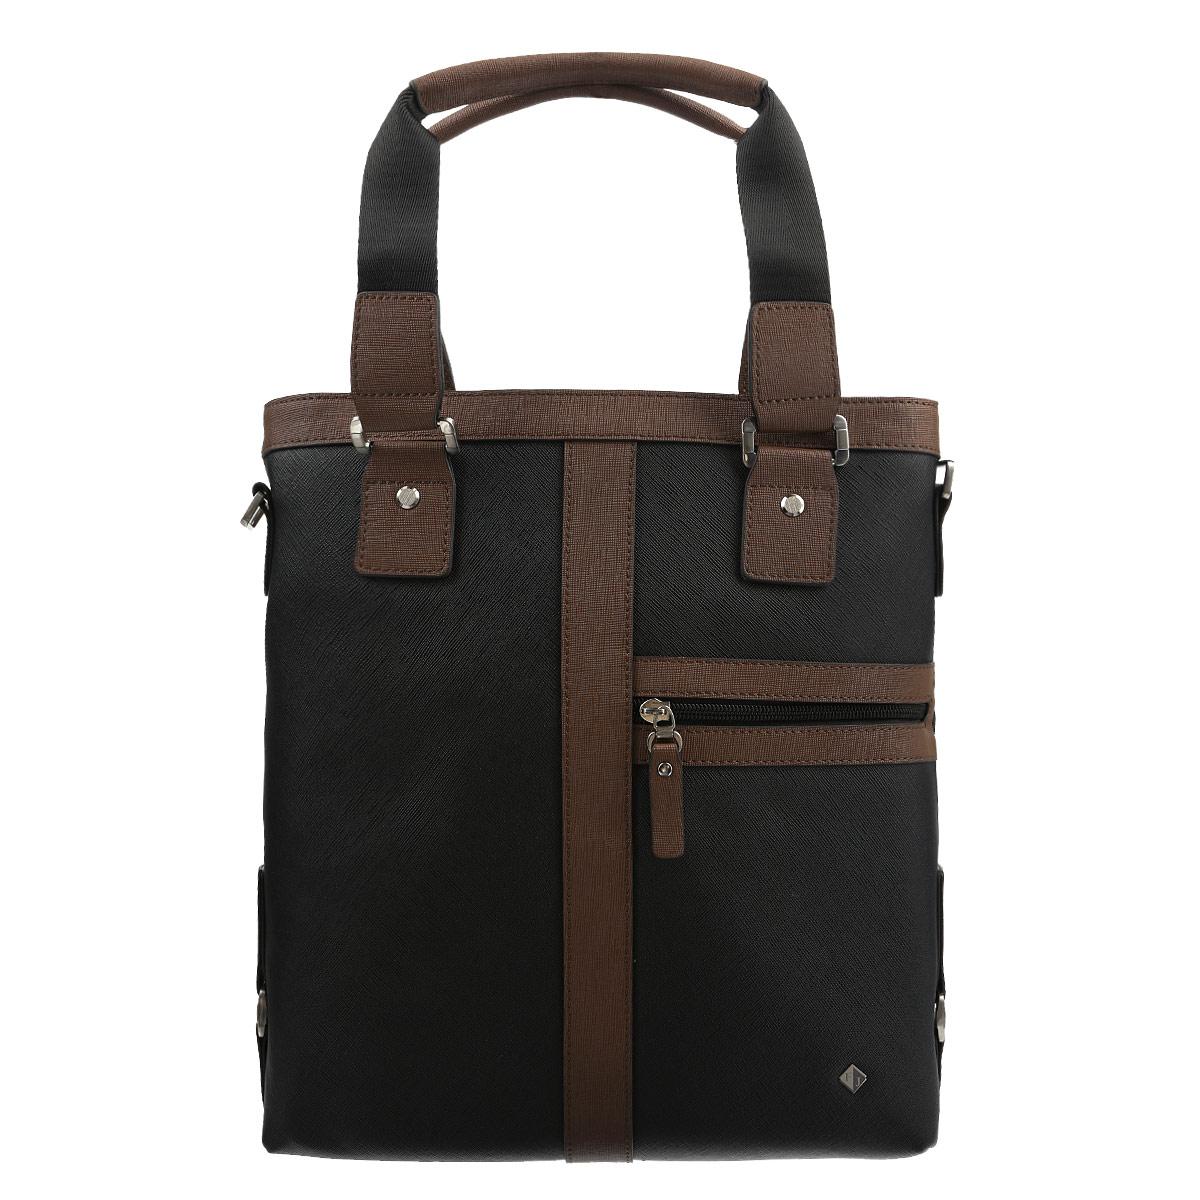 Сумка мужская Flioraj, цвет: черный, коричневый. 6092-05/96092-05/9Изысканная мужская сумка Flioraj выполнена из высококачественной натуральной кожи и оформлена фактурным тиснением, небольшой пластиной с логотипом бренда на лицевой стороне. Удобные ручки крепятся к корпусу сумки на металлическую фурнитуру. Изделие закрывается на застежку-молнию. Внутри - одно отделение, два накладных кармашка для мелочей и мобильного телефона, врезной карман на застежке-молнии, открытый карман и дополнительный отсек на застежке-липучке. На лицевой и обратной сторонах сумки расположены врезные карманы на молниях. Сумка оснащена съемный плечевым ремнем регулируемой длины. Изделие упаковано в фирменный чехол. Классическое цветовое сочетание, стильный декор, модный дизайн - прекрасное дополнение к гардеробу каждого мужчины.